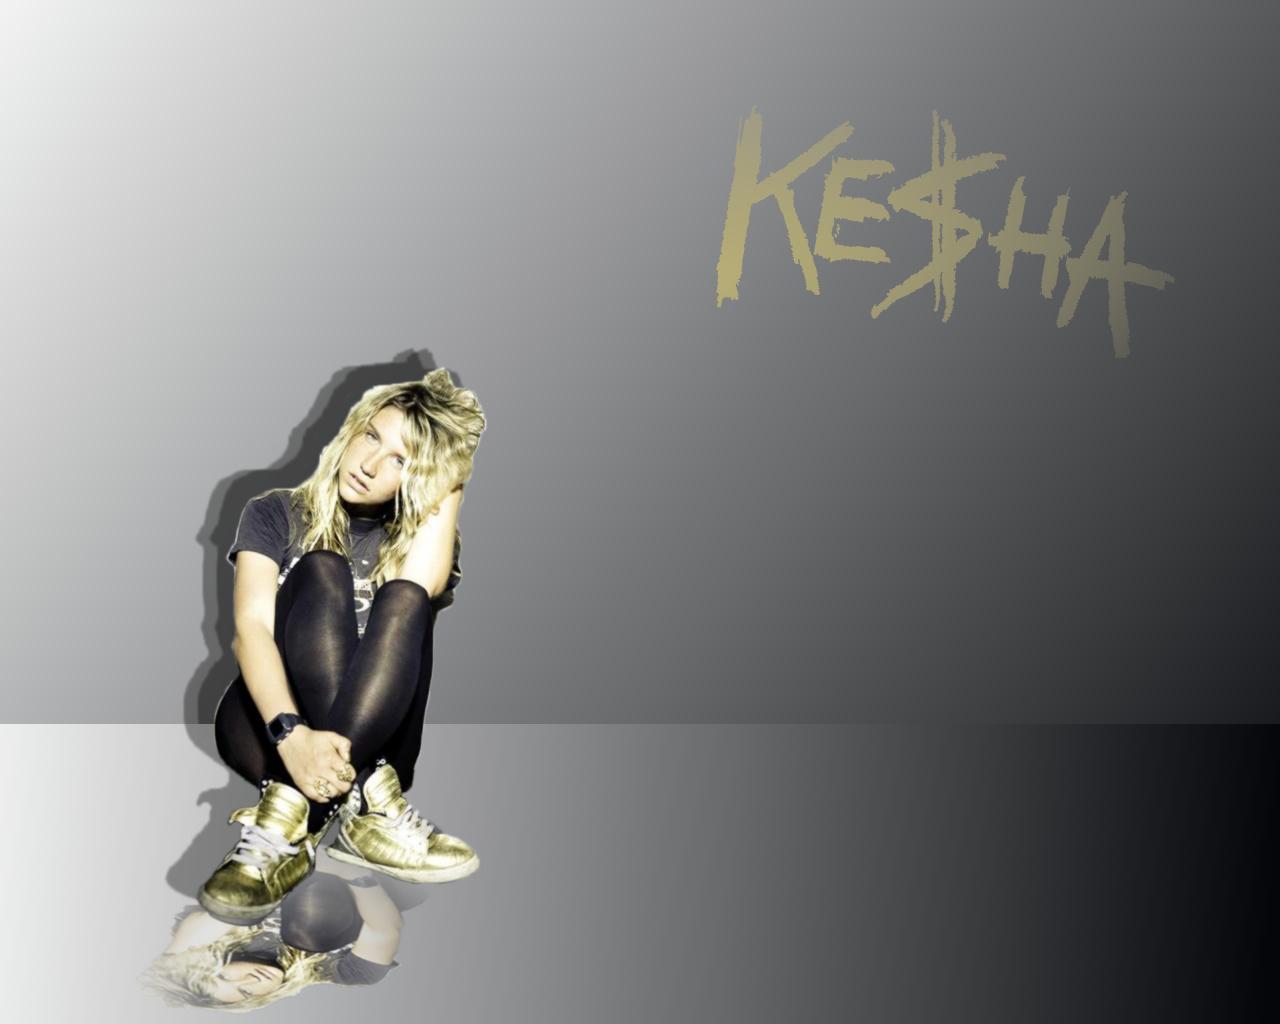 http://1.bp.blogspot.com/-lQIrXehPSMA/T7p6OFPPLdI/AAAAAAAAB2Y/LOXcJzVAJCI/s1600/Pretty-Ke-ha-Wallpaper-kesha-10710689-1280-1024.jpg